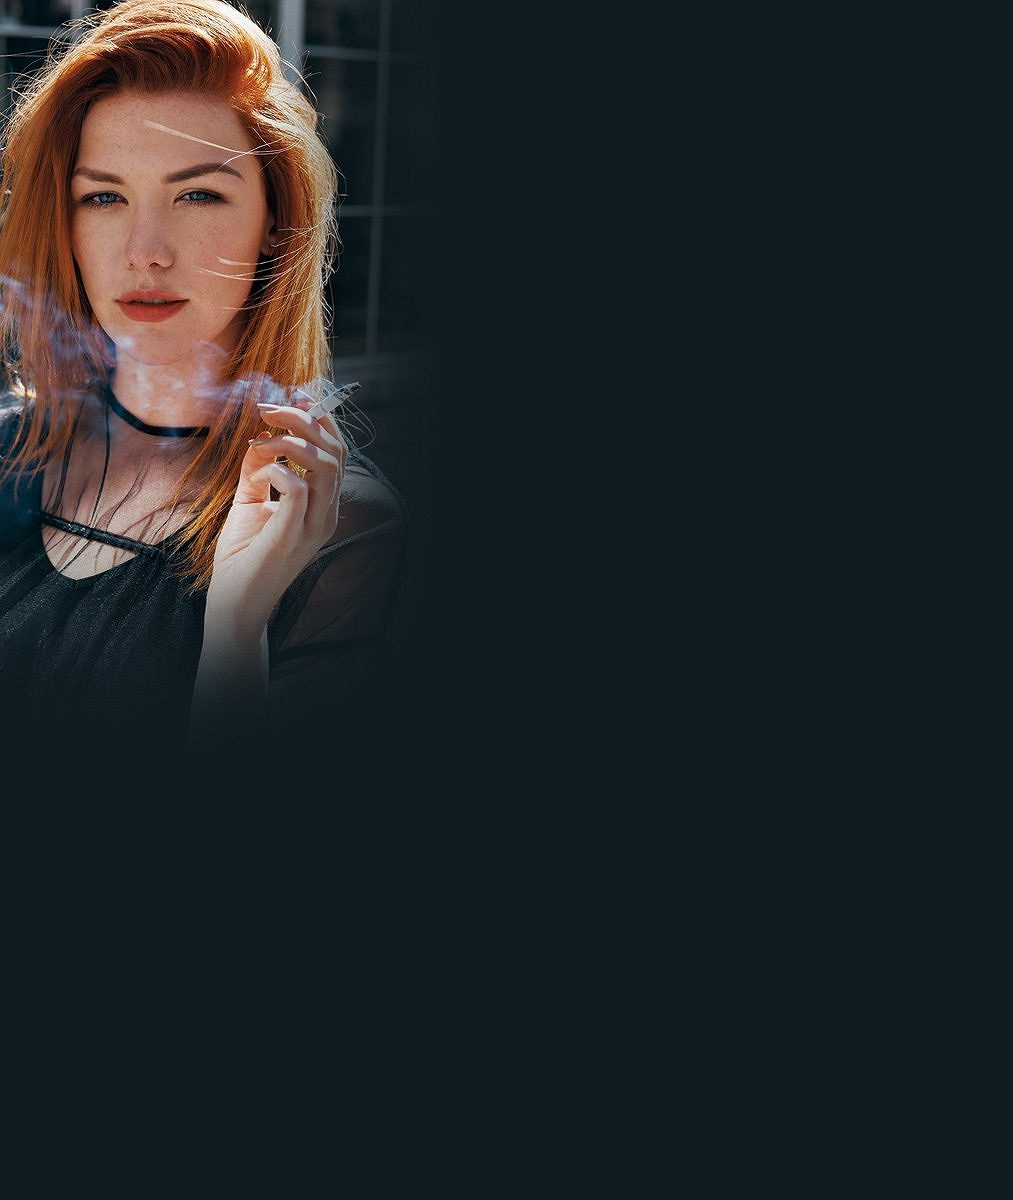 Zrzavá zpěvačka na nejlepších fotkách své kariéry: Debbi ukázala o 16 kil lehčí postavu